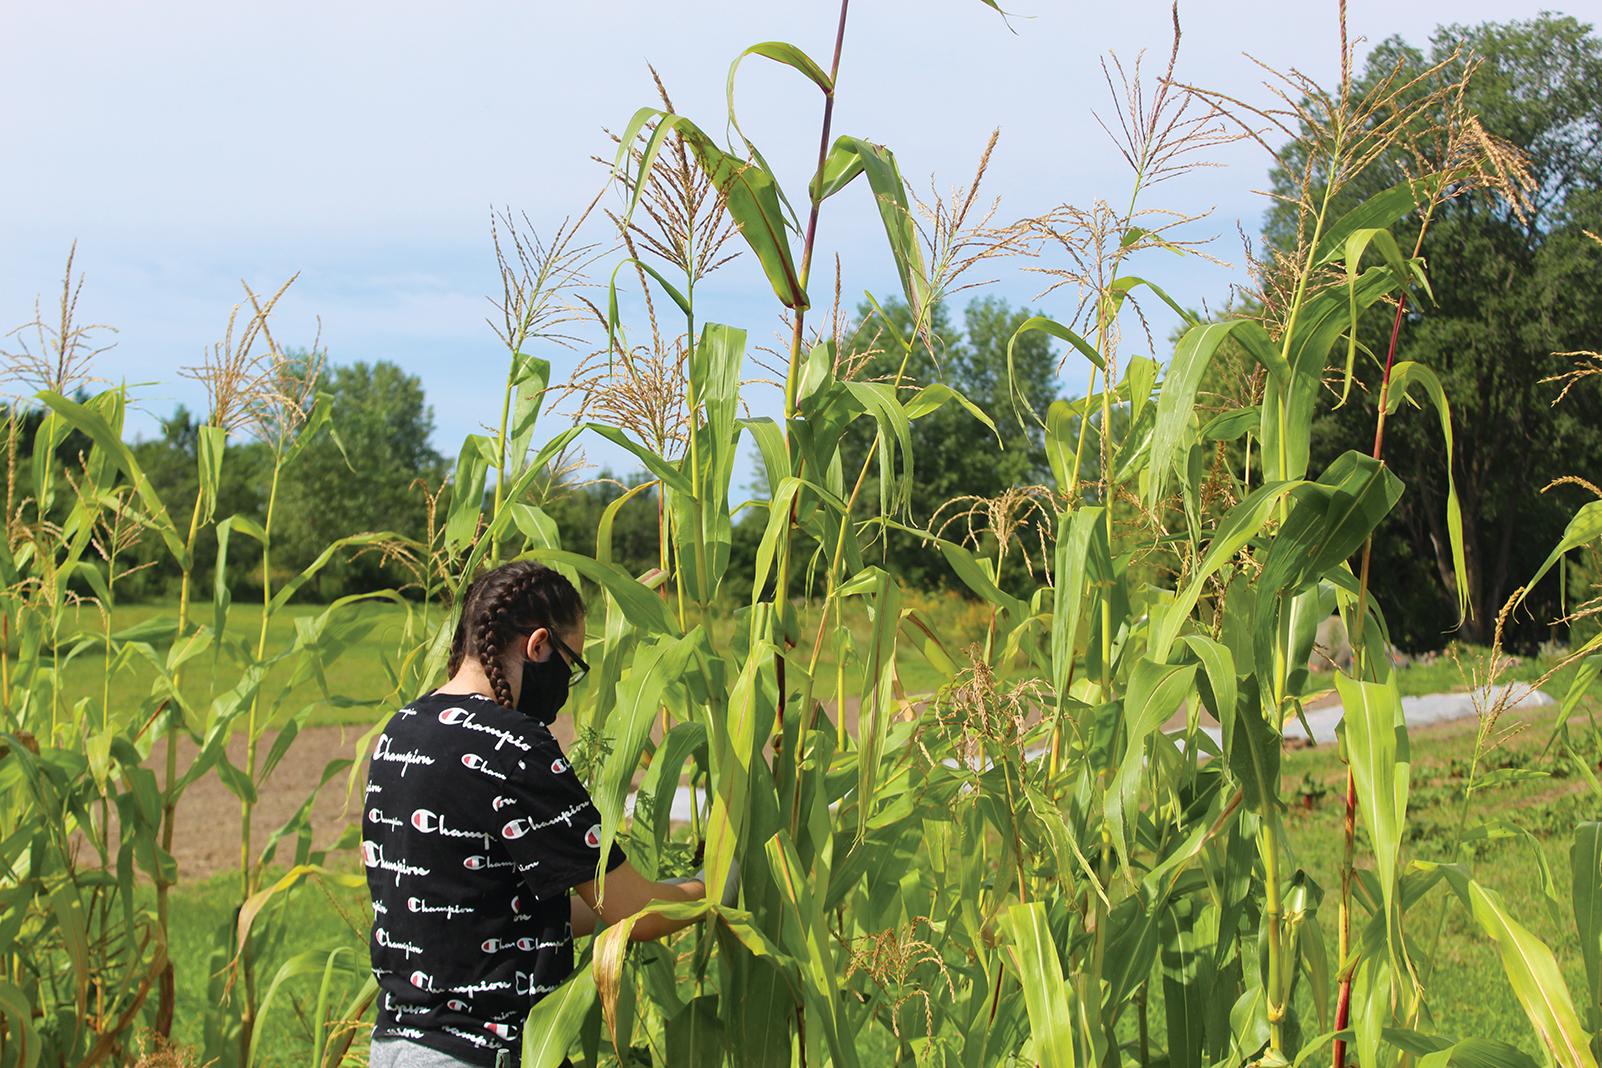 Harvesting corn at Dream of Wild Health's farm in Hugo